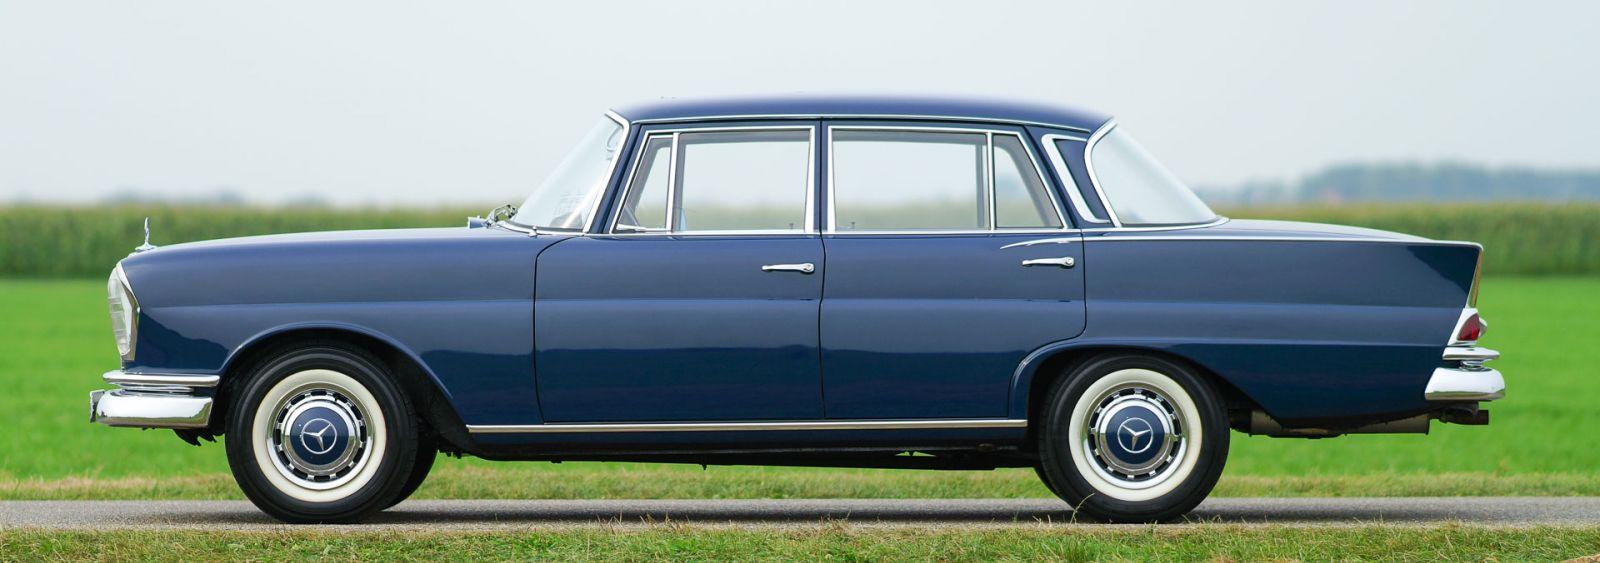 Mercedes-Benz 220 S, 1964 - Classicargarage - DE